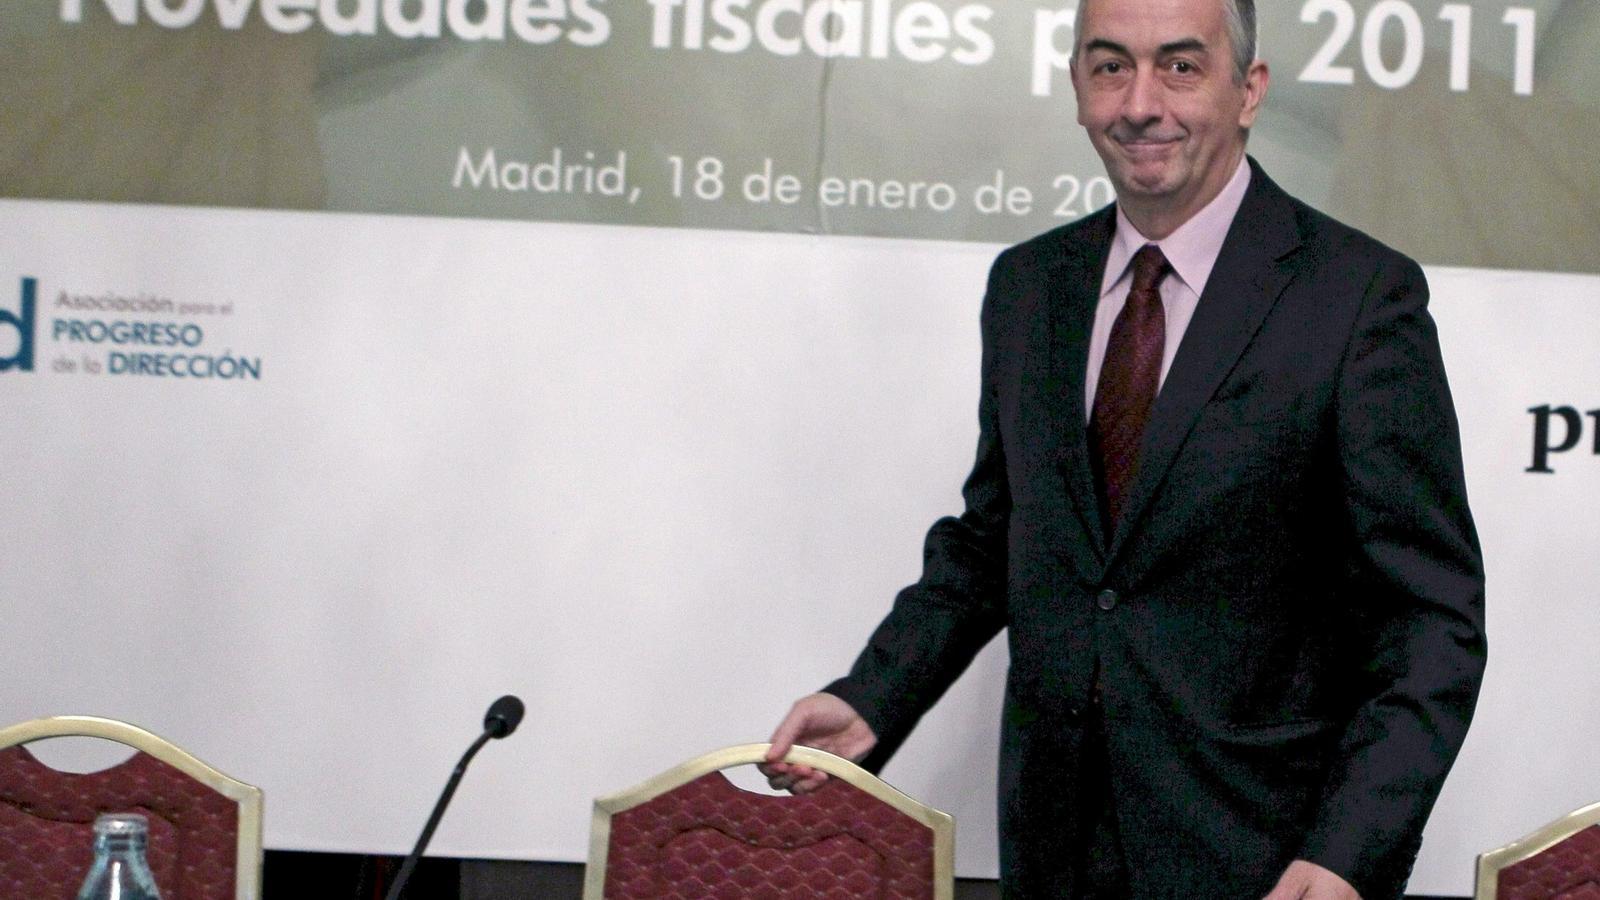 El secretari d'Estat d'Hisenda i Pressupostos, Carlos Ocaña